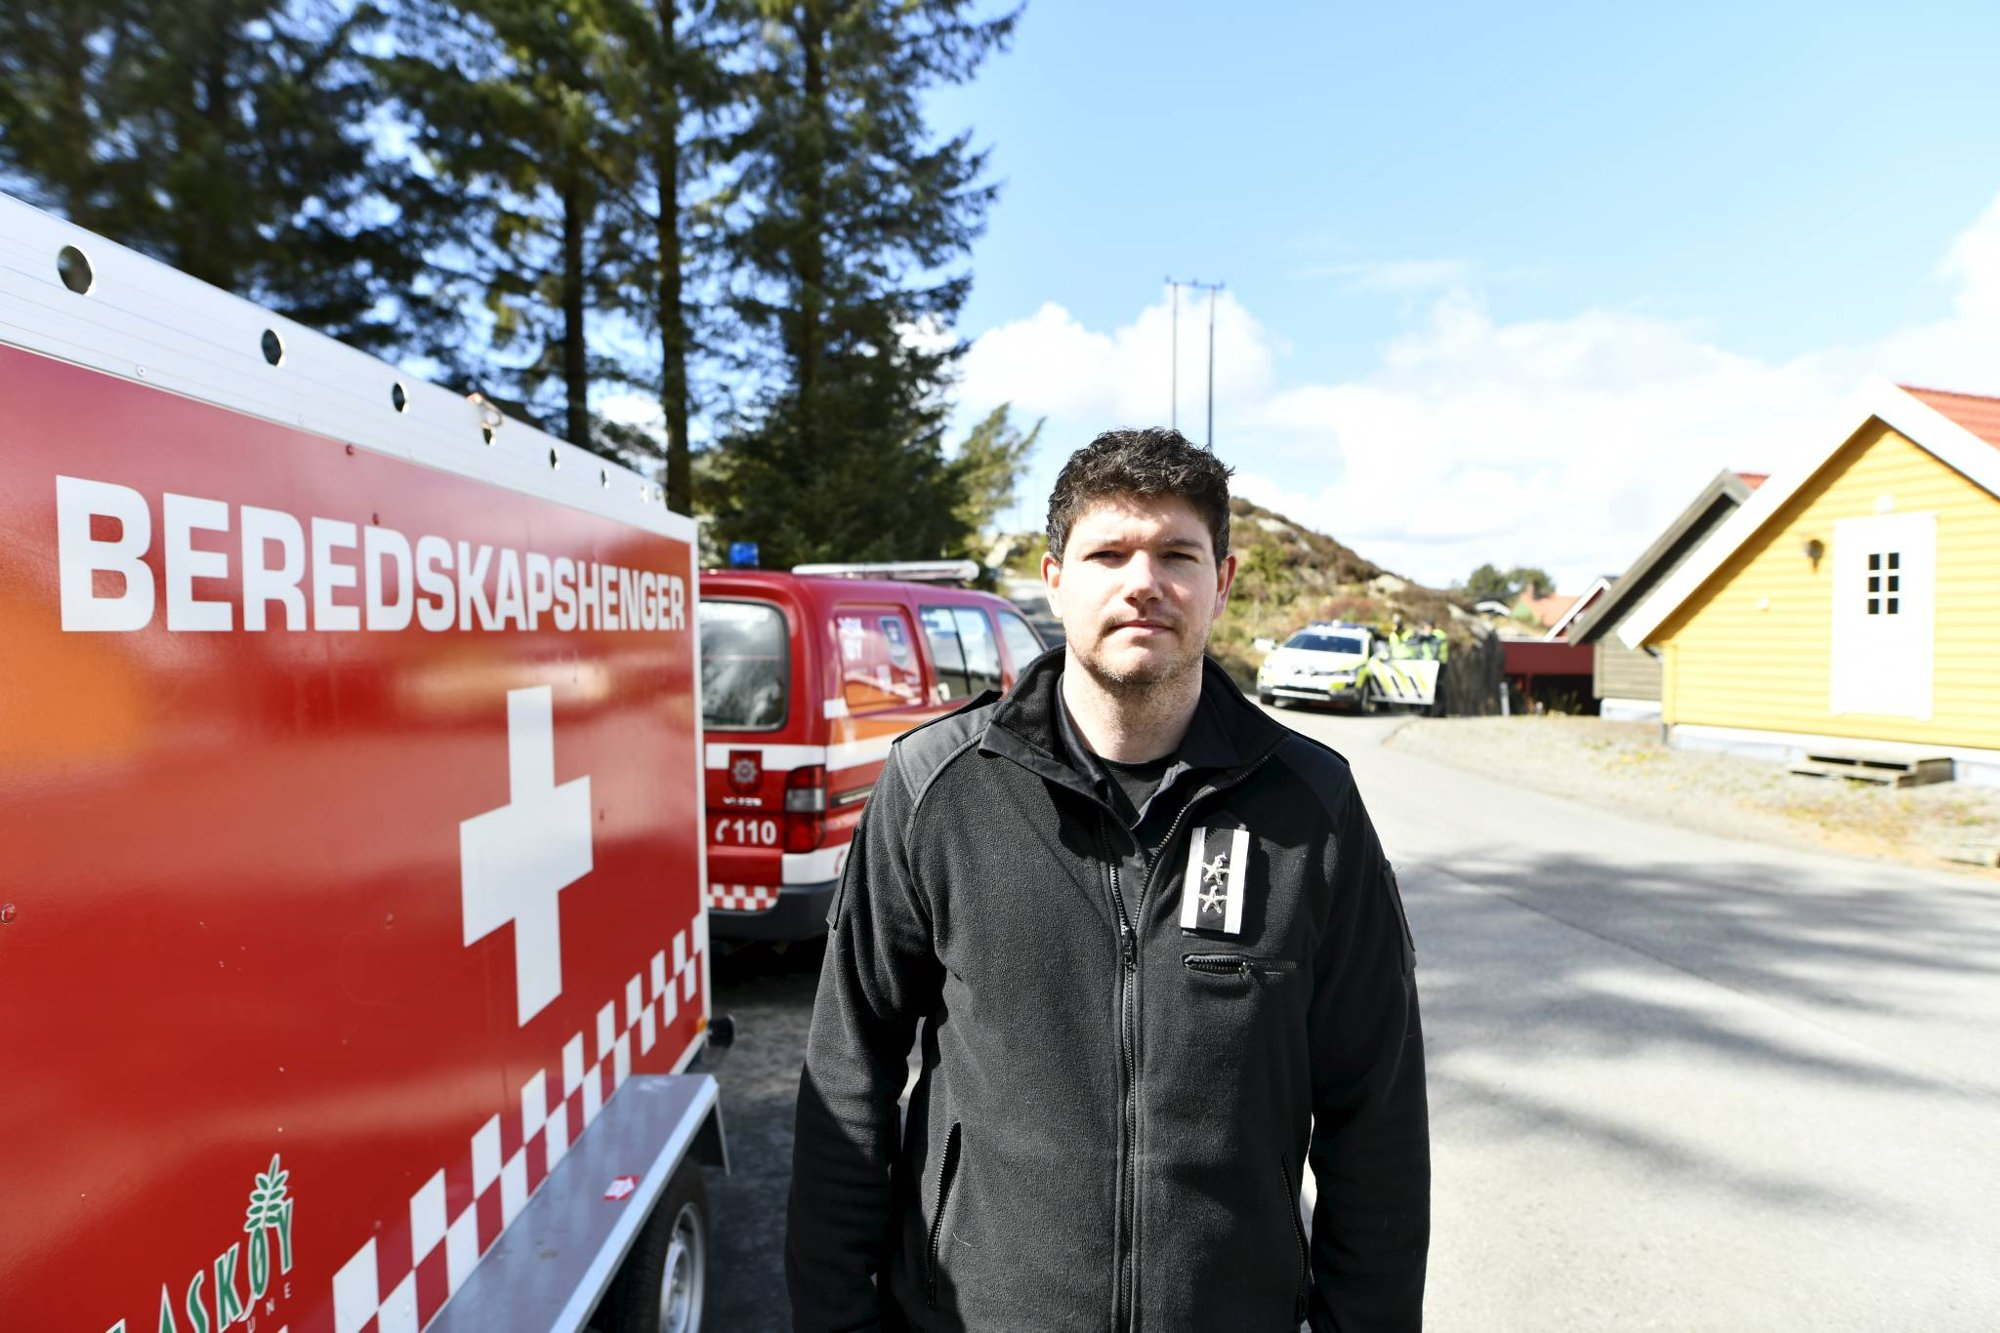 Gressbrann på Askøy er under kontroll: Skal gå brannvakt